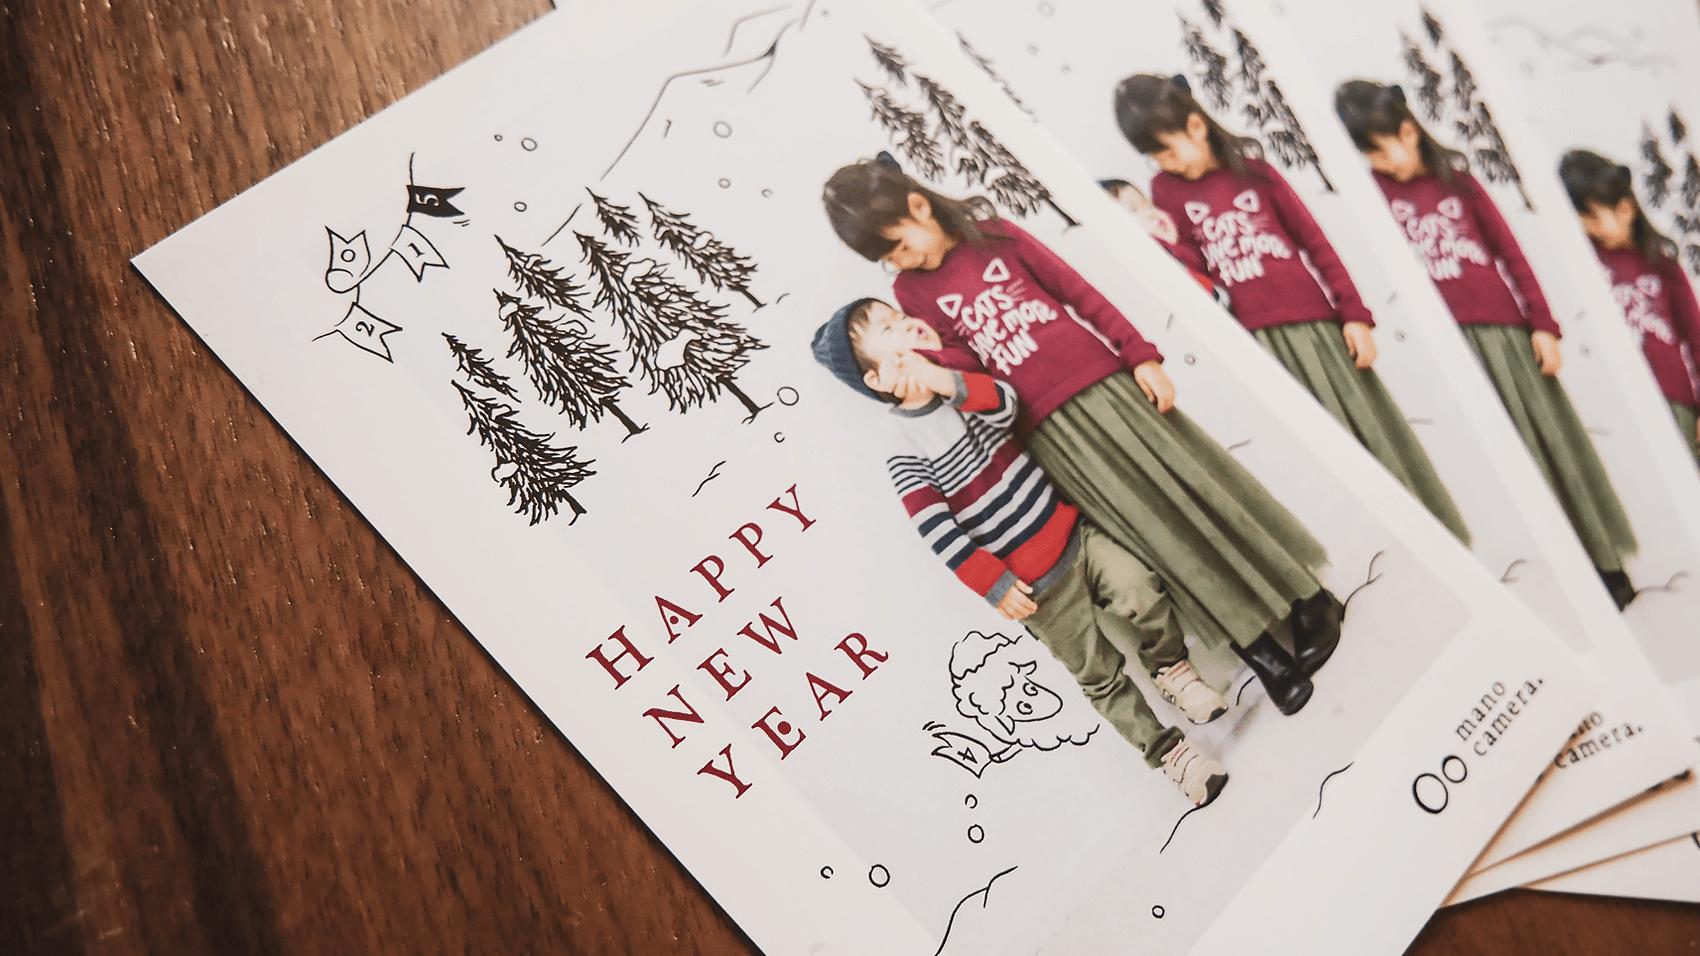 写真のまわりに風景のイラストを描いたかわいい年賀状デザイン